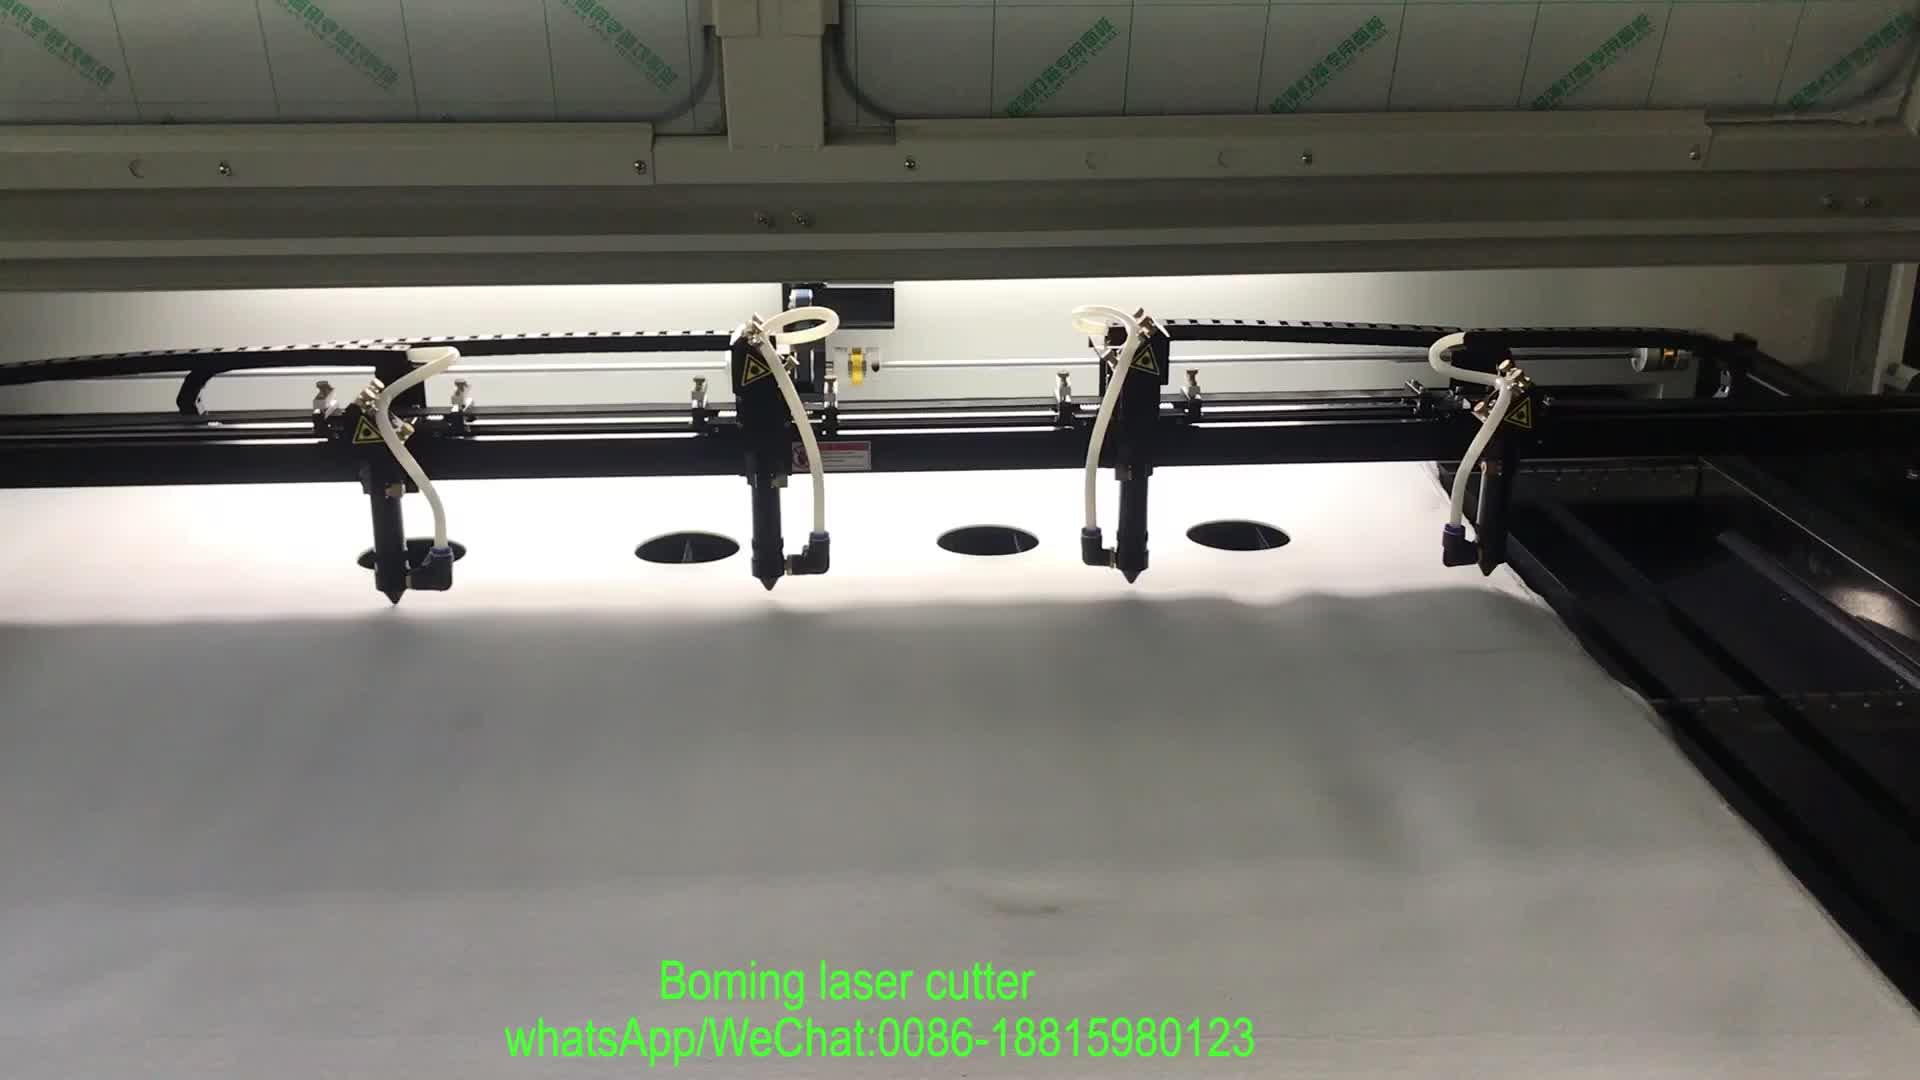 ホット販売 hyderabad 50 ワット 100 ワット 4 ヘッド cma 1080 1810 co2 レーザー切断レーザー彫刻機